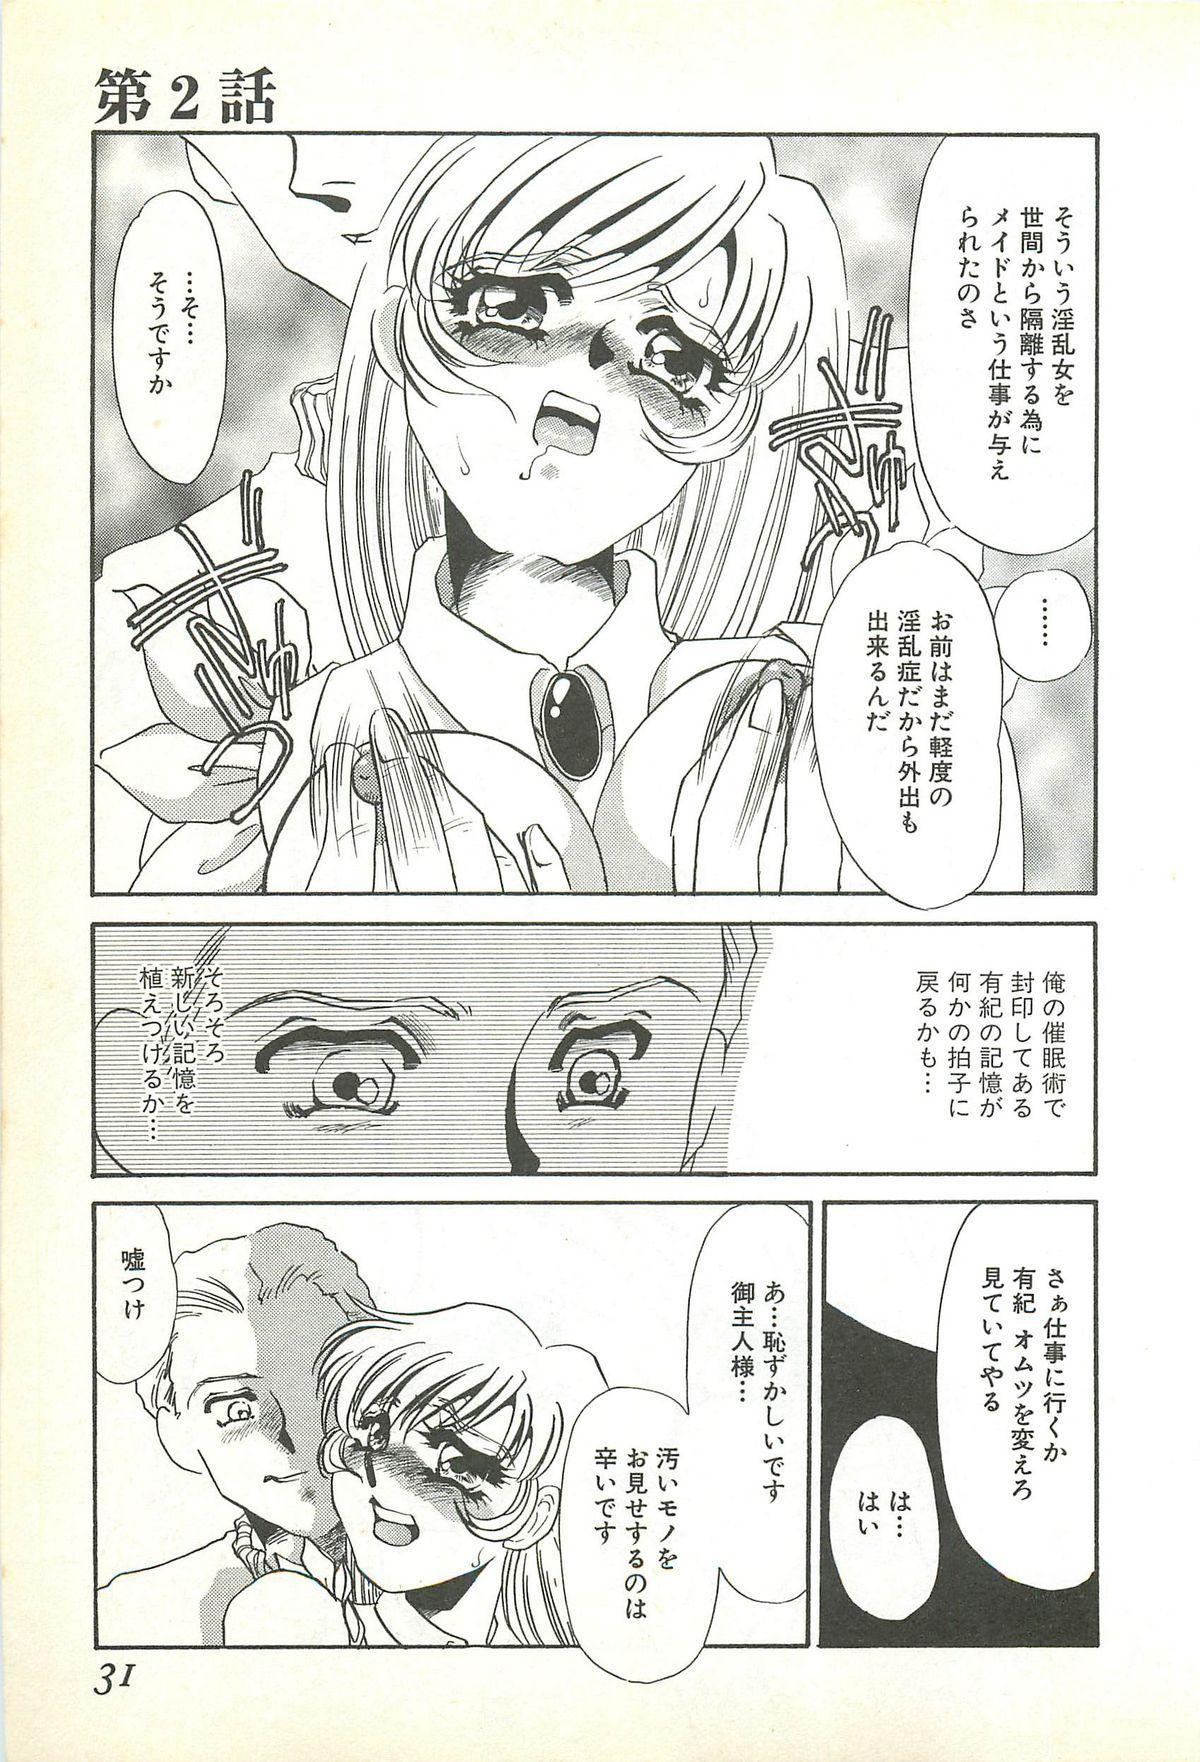 Chigyaku no Heya - A Shameful Punishment Room 27